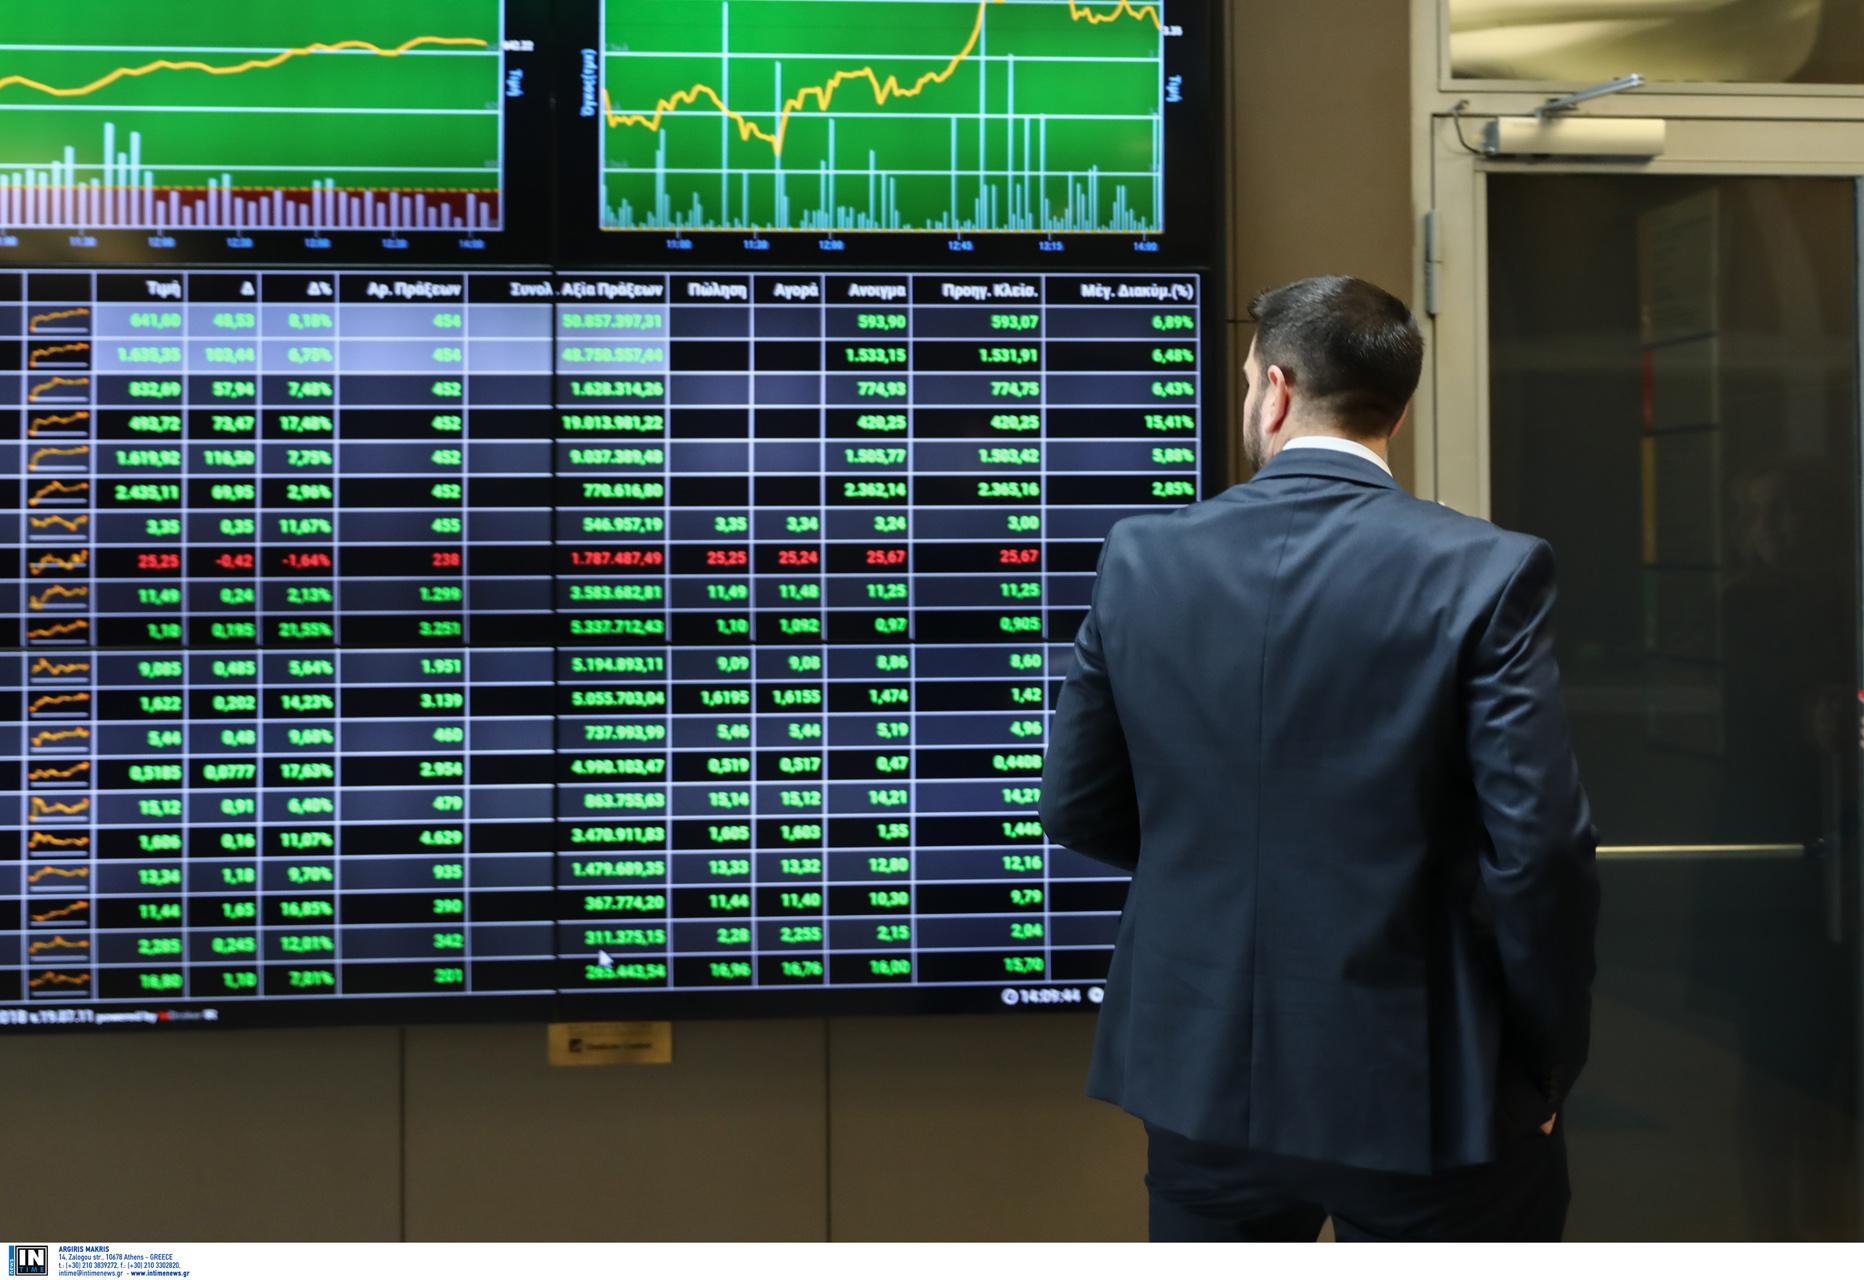 Γιατί το ελληνικό χρηματιστήριο αποτελεί ένα καλό «στοίχημα» για το 2021